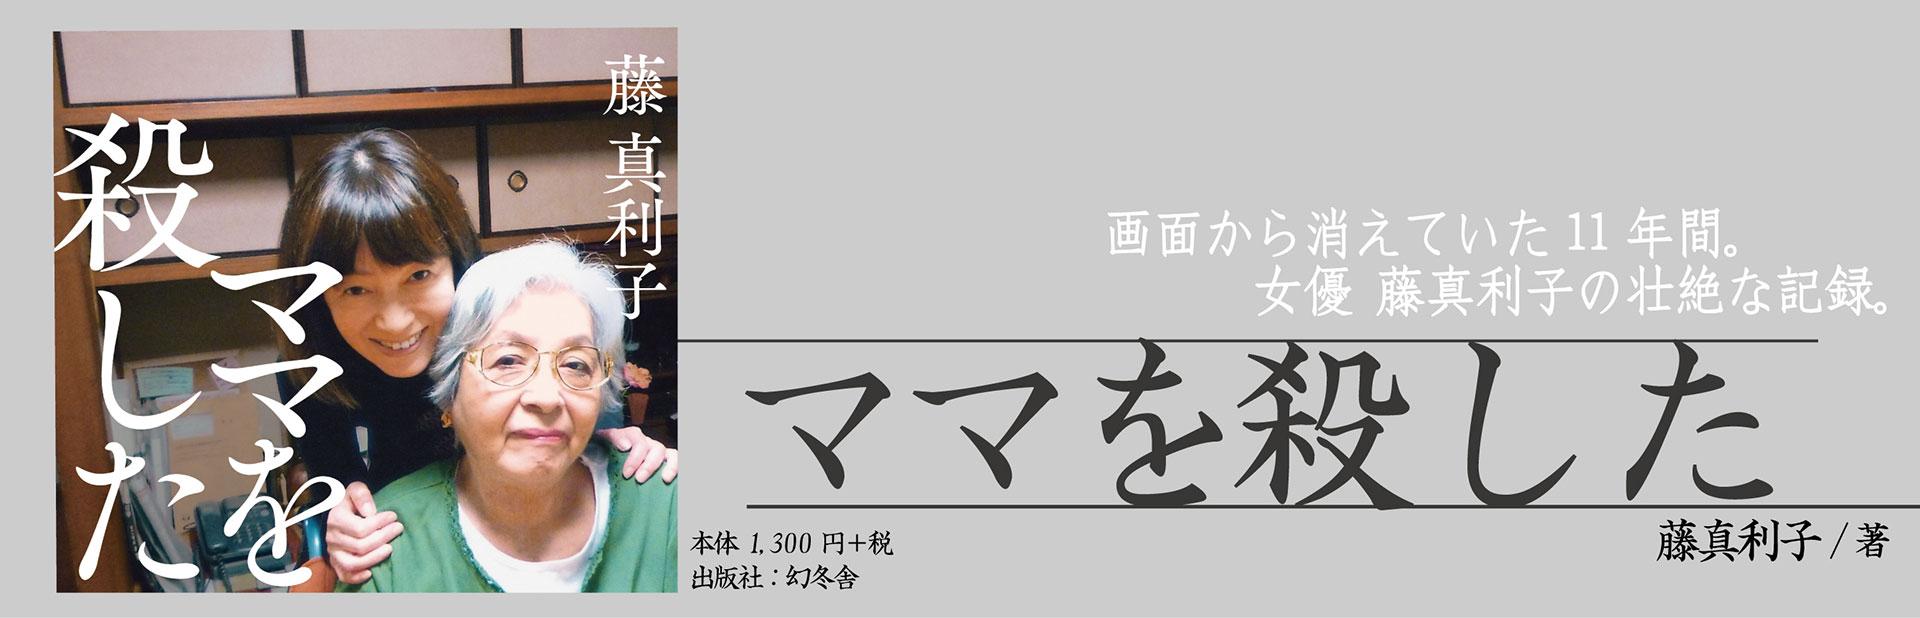 尾木 プロダクション KARAのク・ハラさんはプロダクション尾木による枕営業、肉弾接待の強要が原因での自殺ではないか。